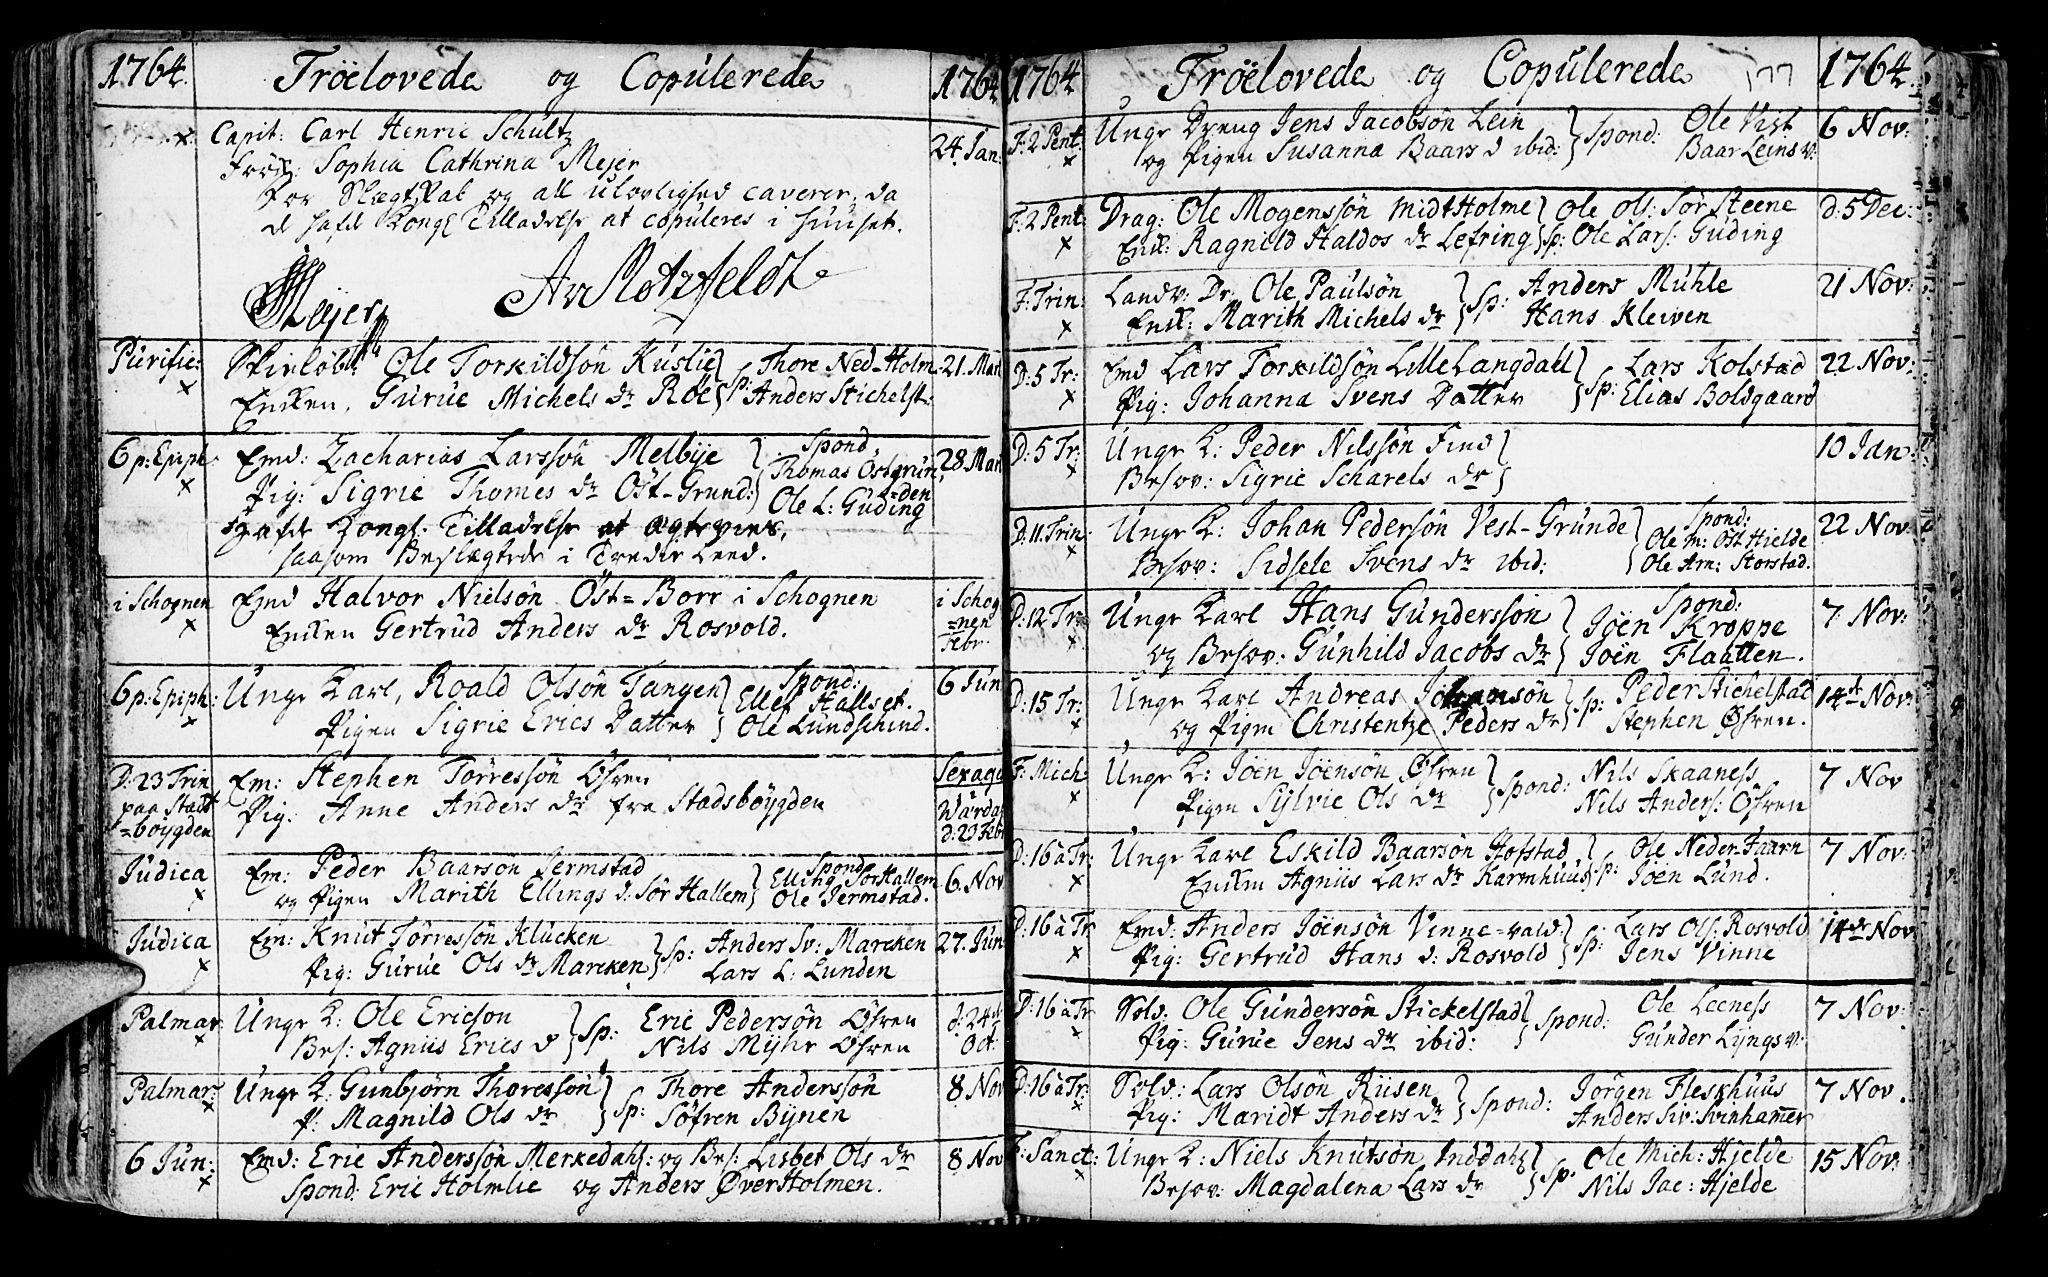 SAT, Ministerialprotokoller, klokkerbøker og fødselsregistre - Nord-Trøndelag, 723/L0231: Ministerialbok nr. 723A02, 1748-1780, s. 177